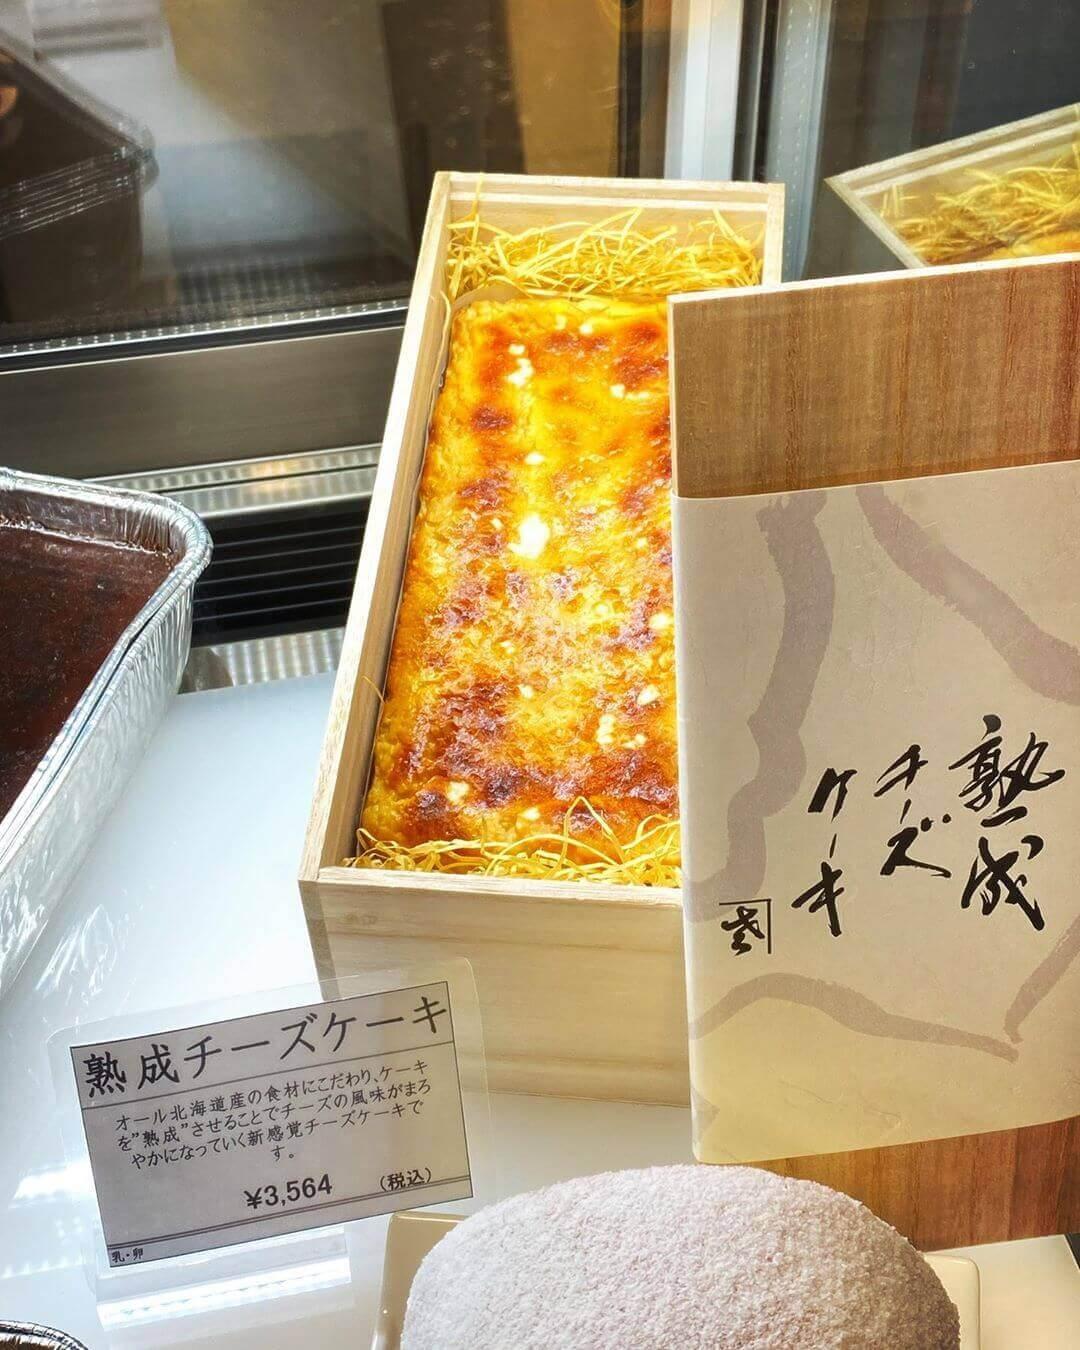 パティスリージョネス エスタ店の熟成チーズケーキ